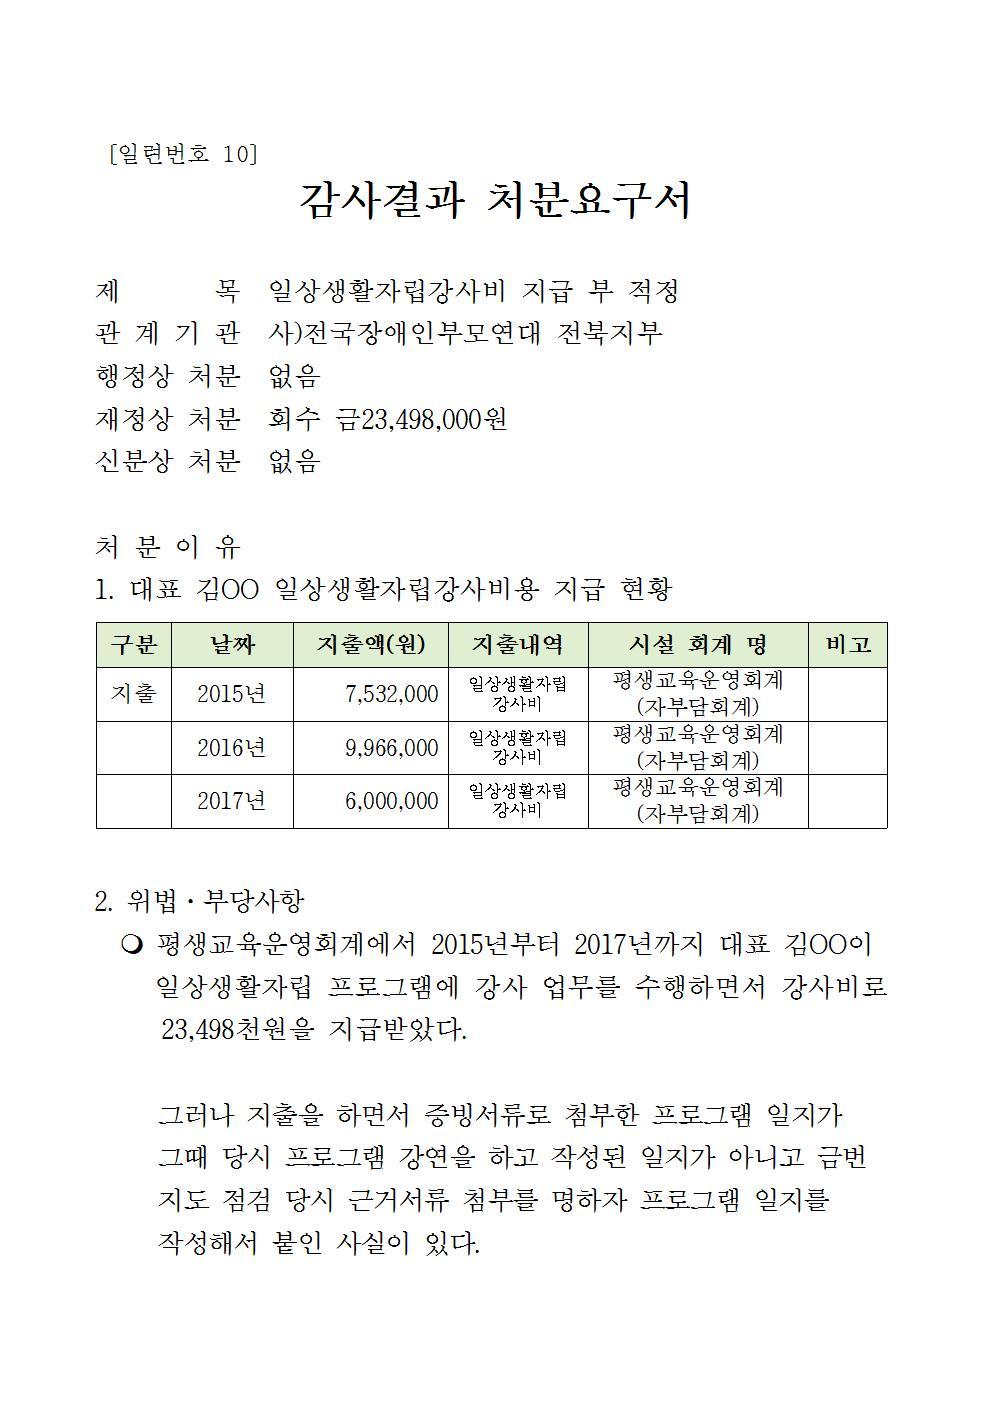 붙임) 처분요구서_전주시 생활복지과-37898(2017.9.1)호(공개용)019.jpg